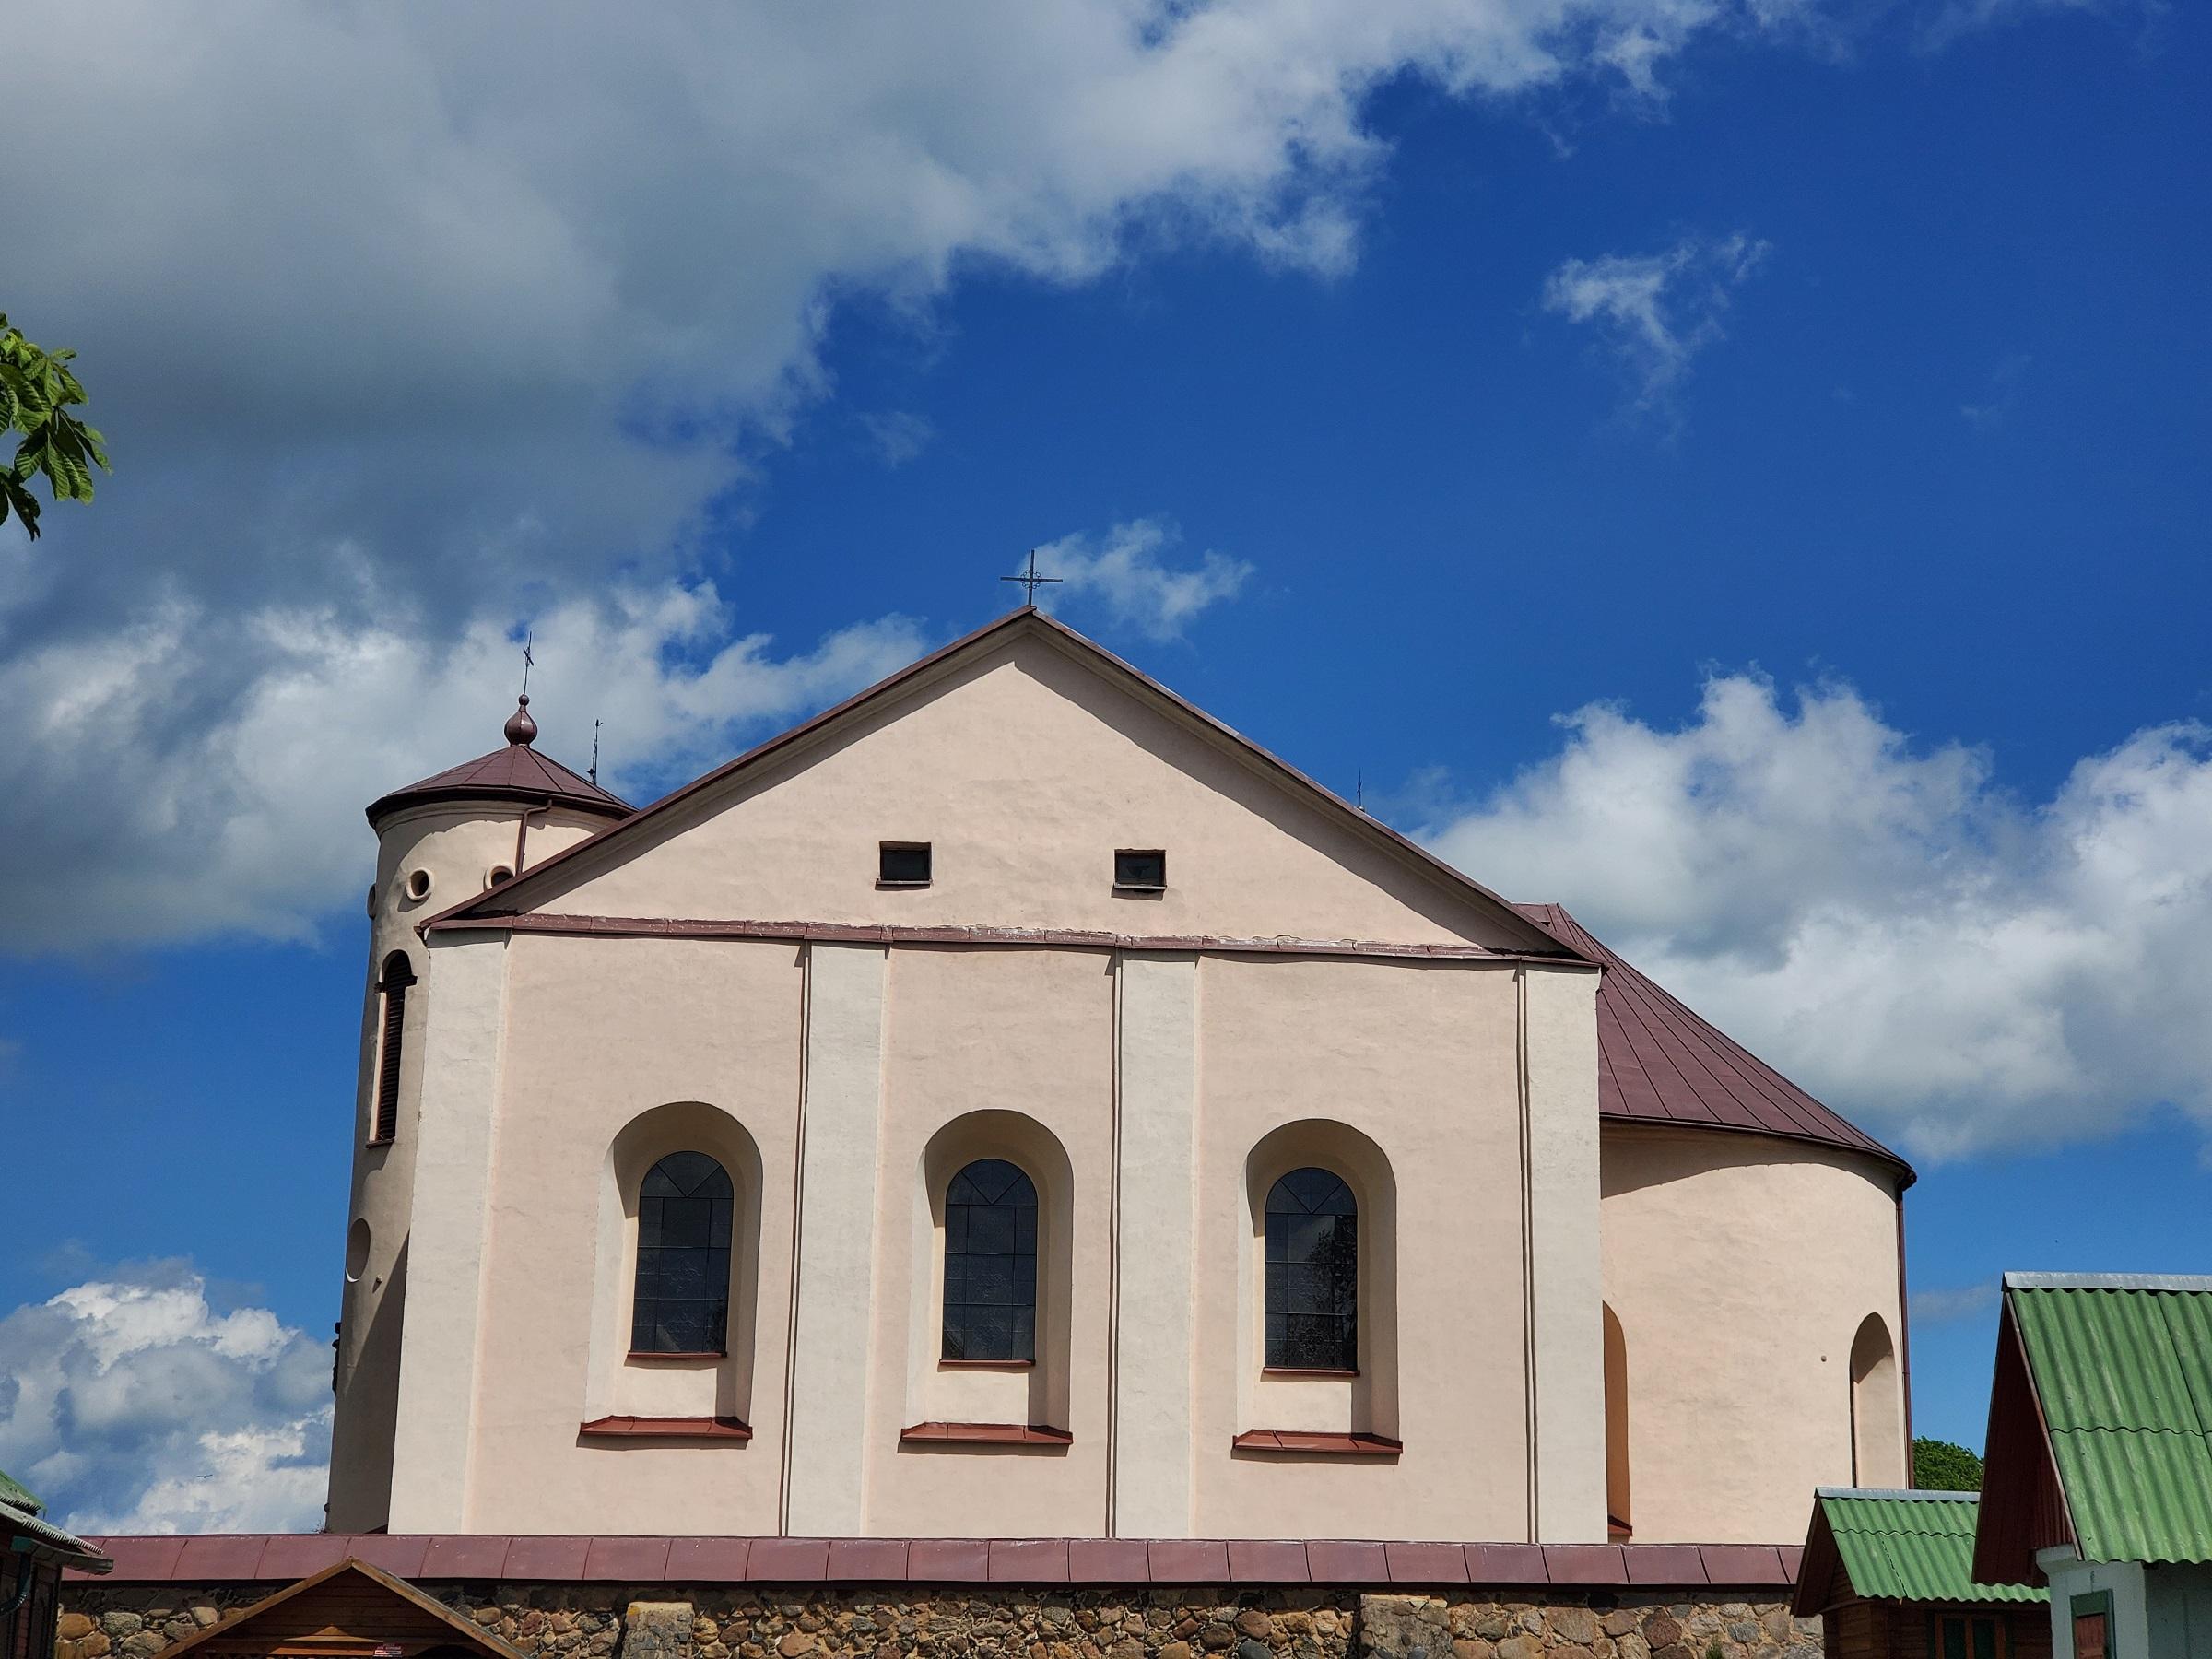 20200606 120106 - Костел Св. Иоанна Крестителя в агрогородке Камаи